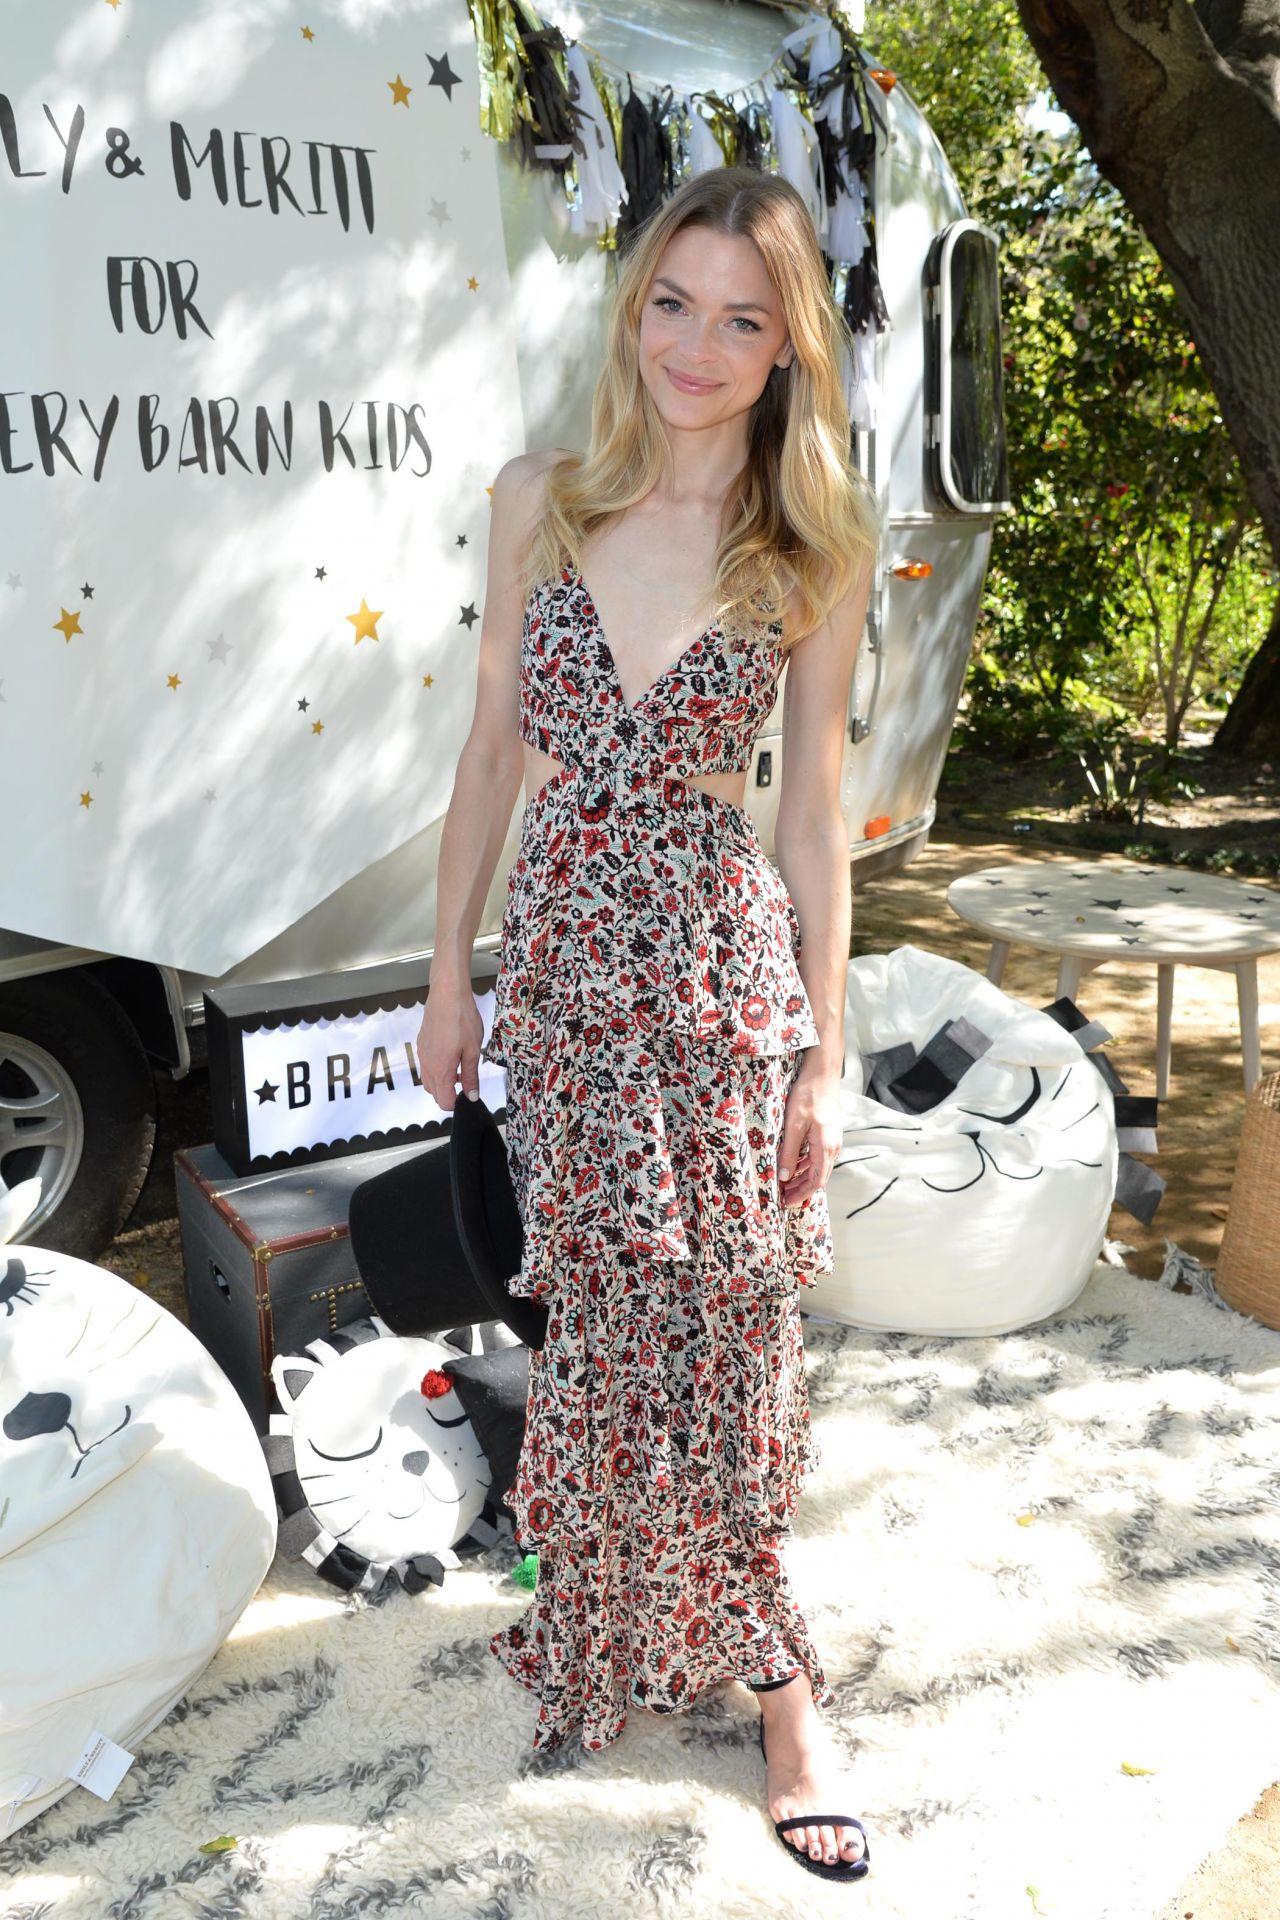 Jaime King Emily Amp Meritt For Pottery Barn Kids